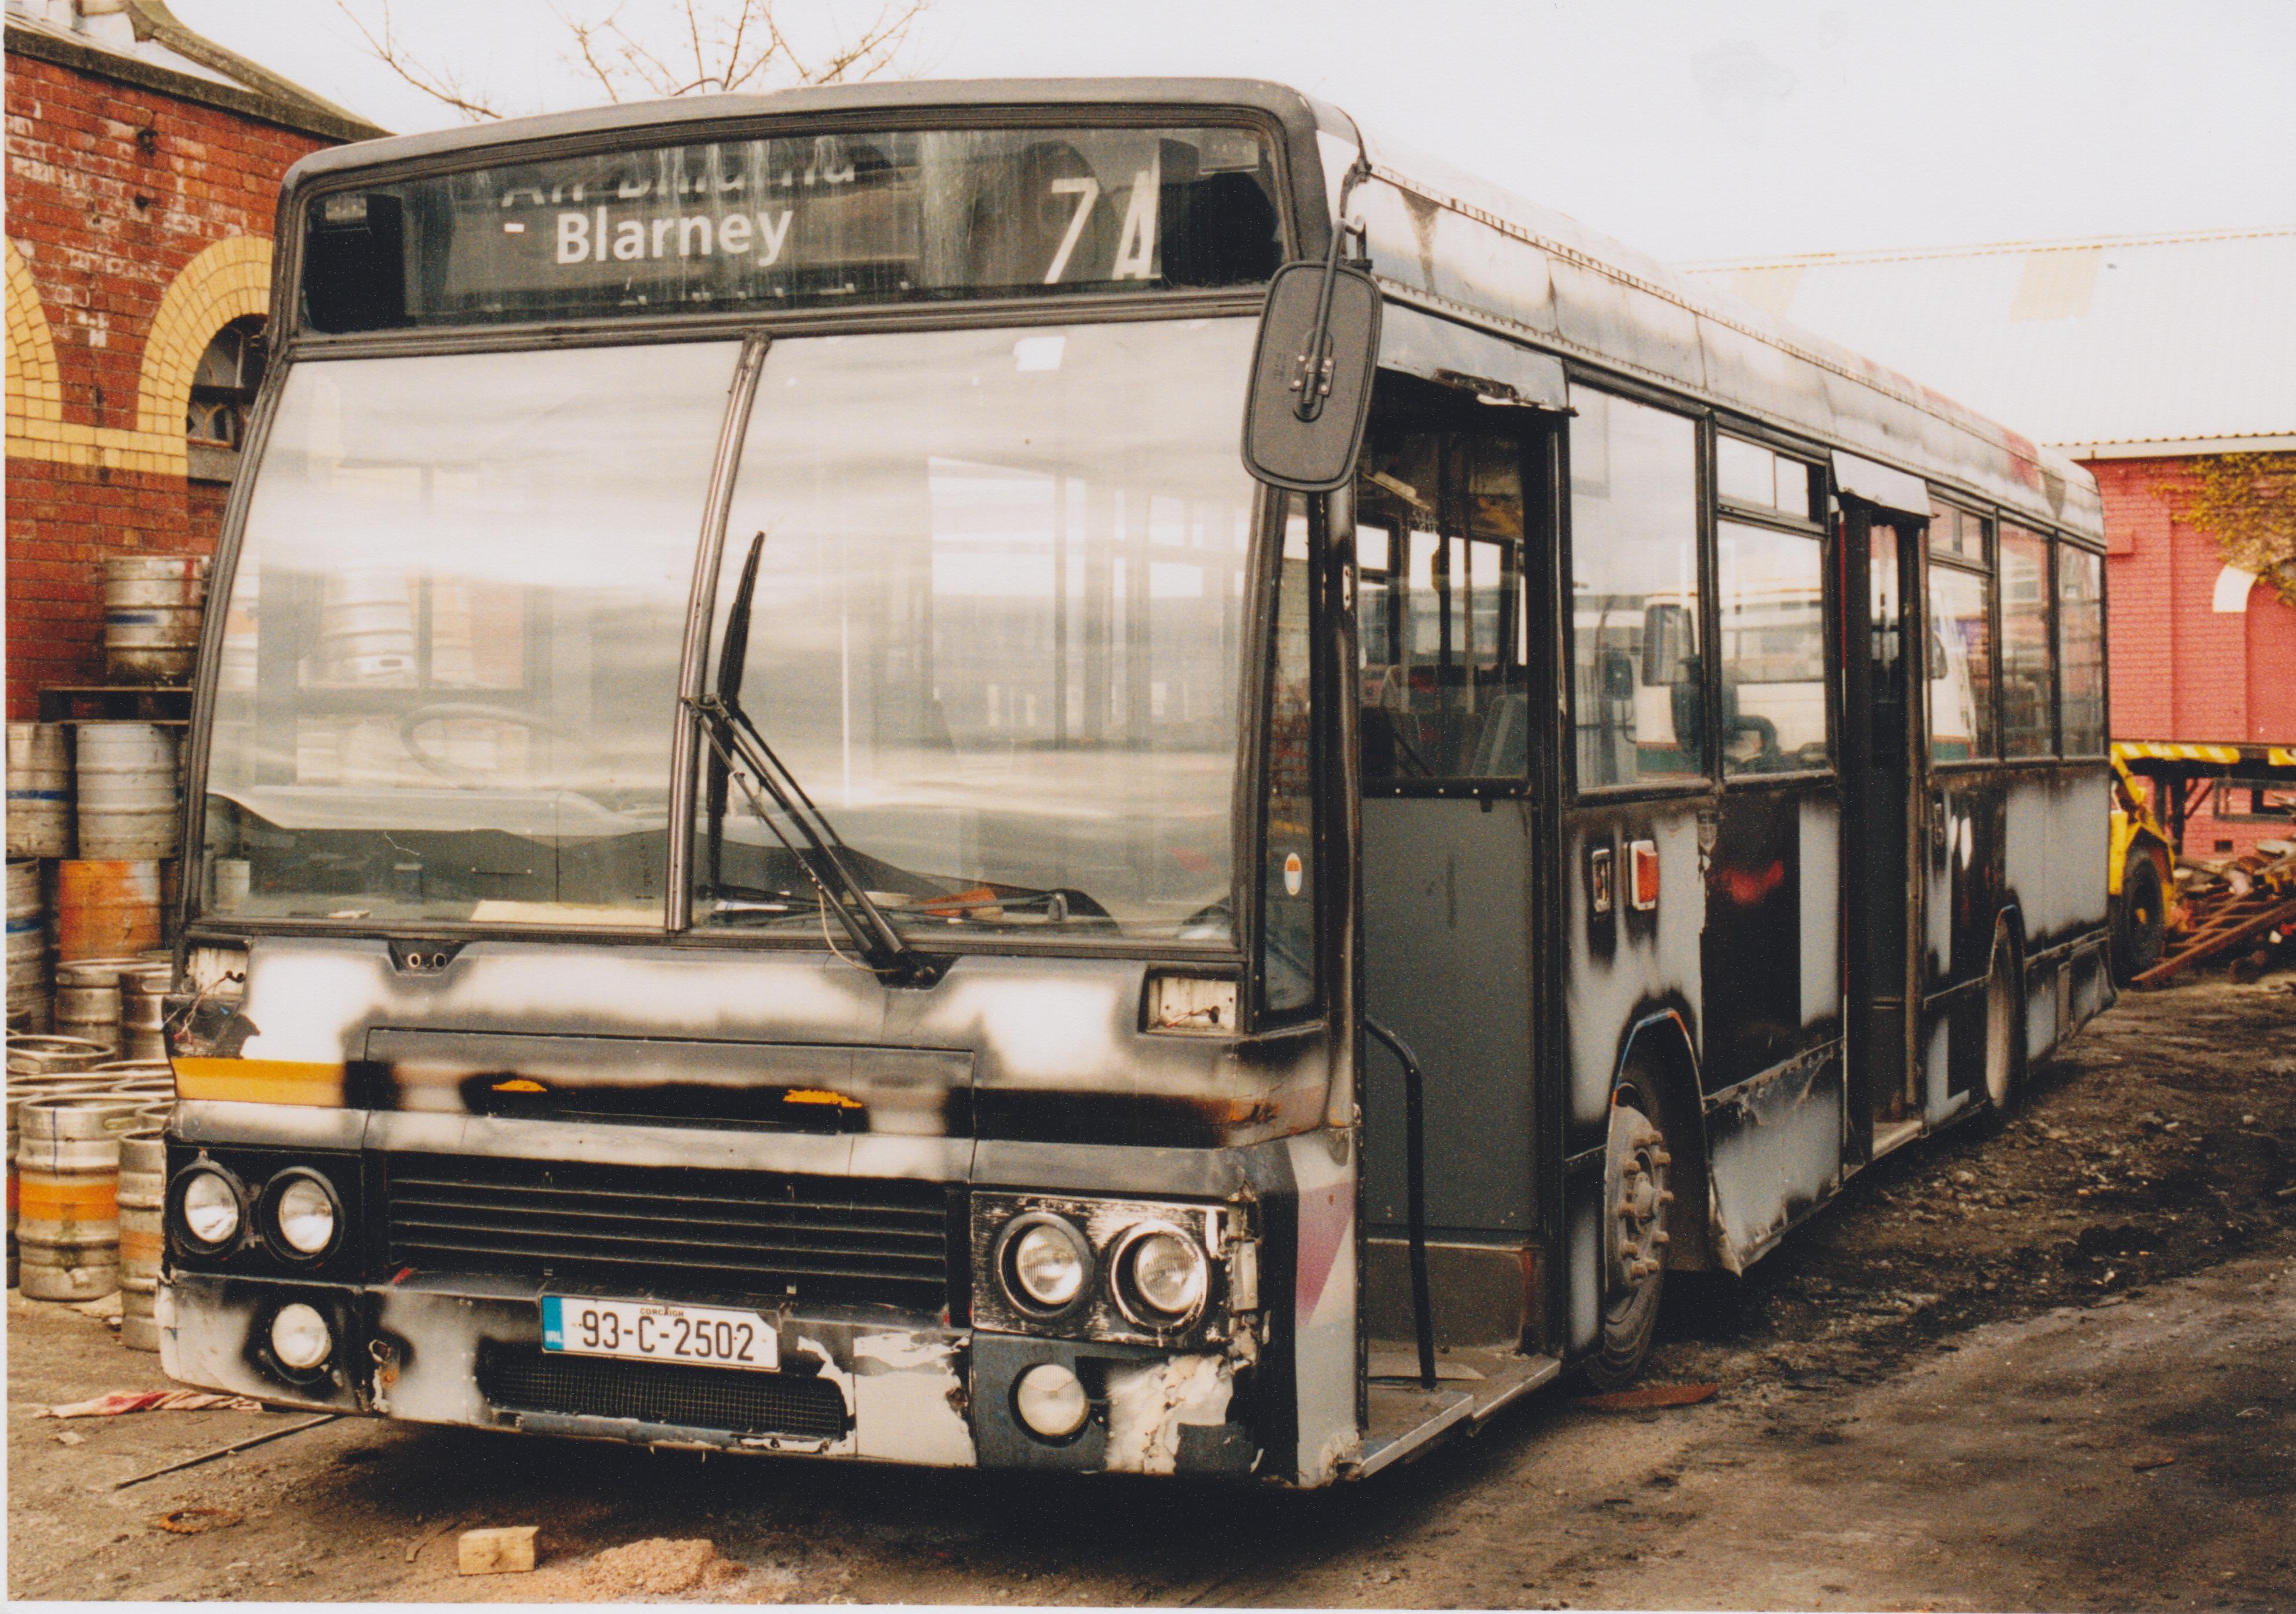 File:Bus Éireann bus DA2 (93-C-2502).jpg